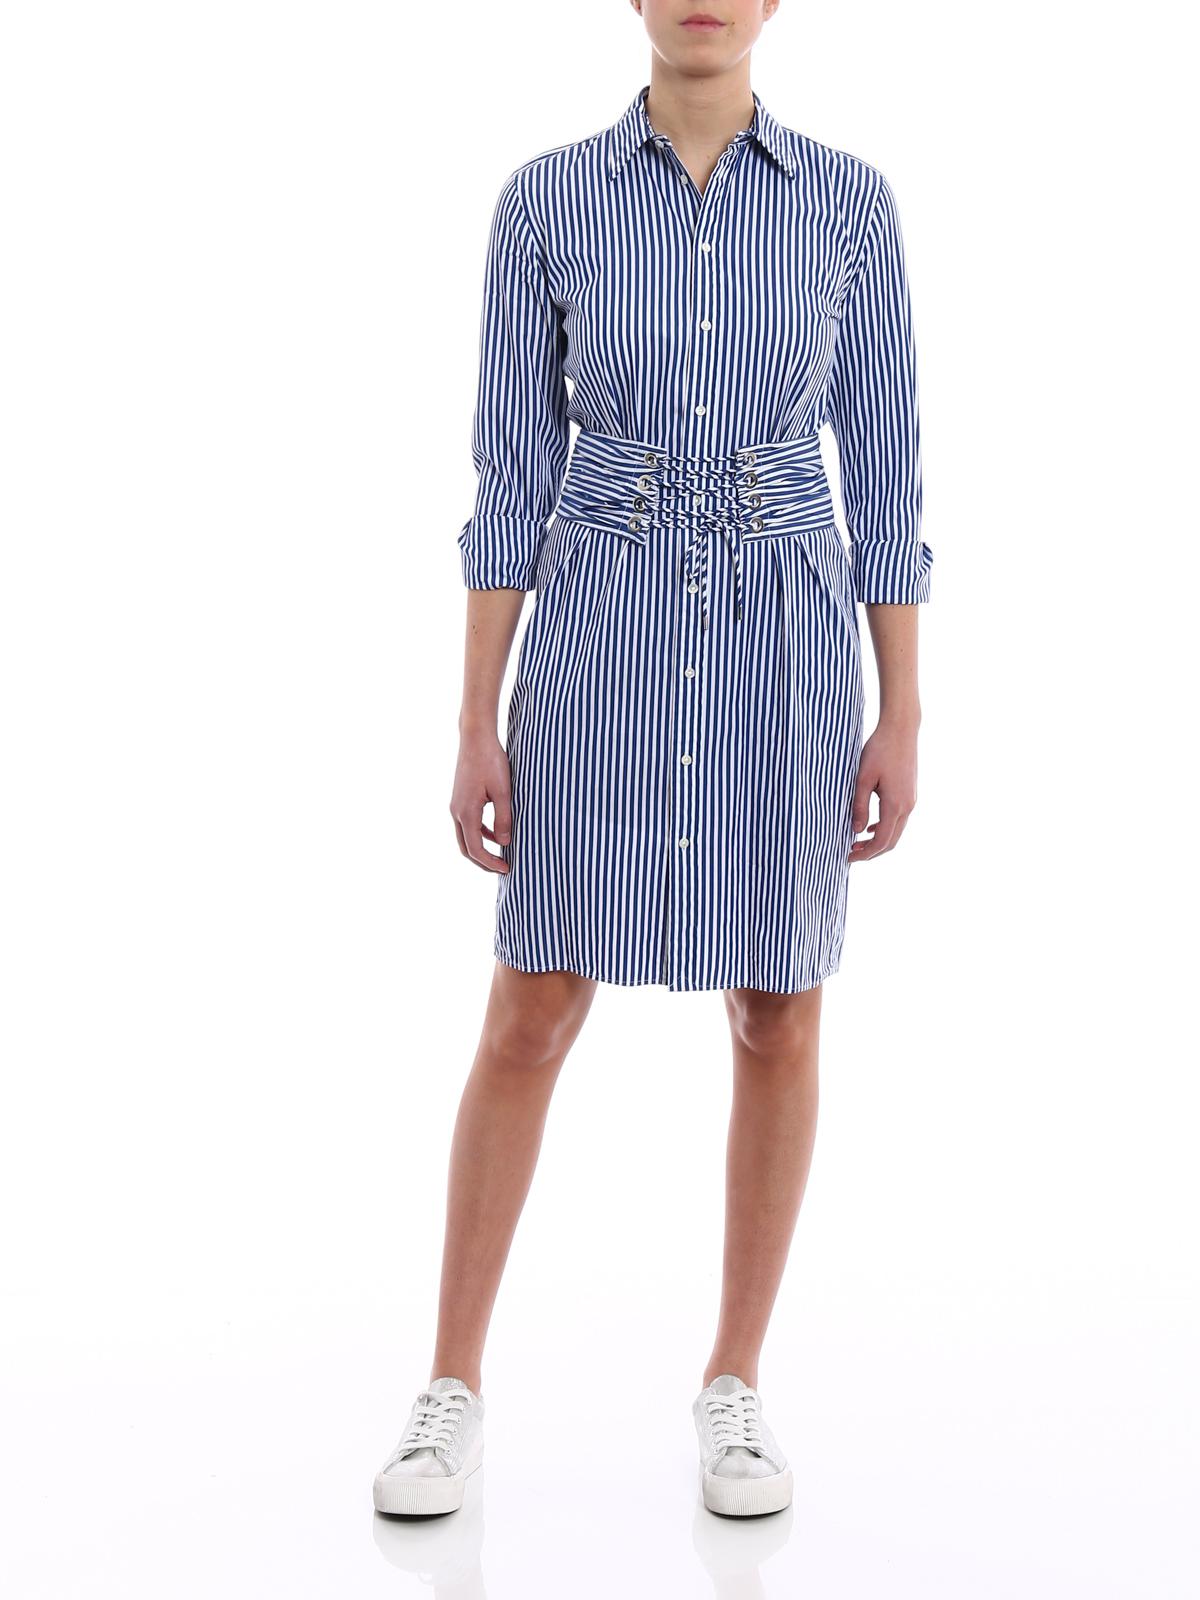 Polo Ralph Lauren Striped Cotton Shirt Dress Short Dresses